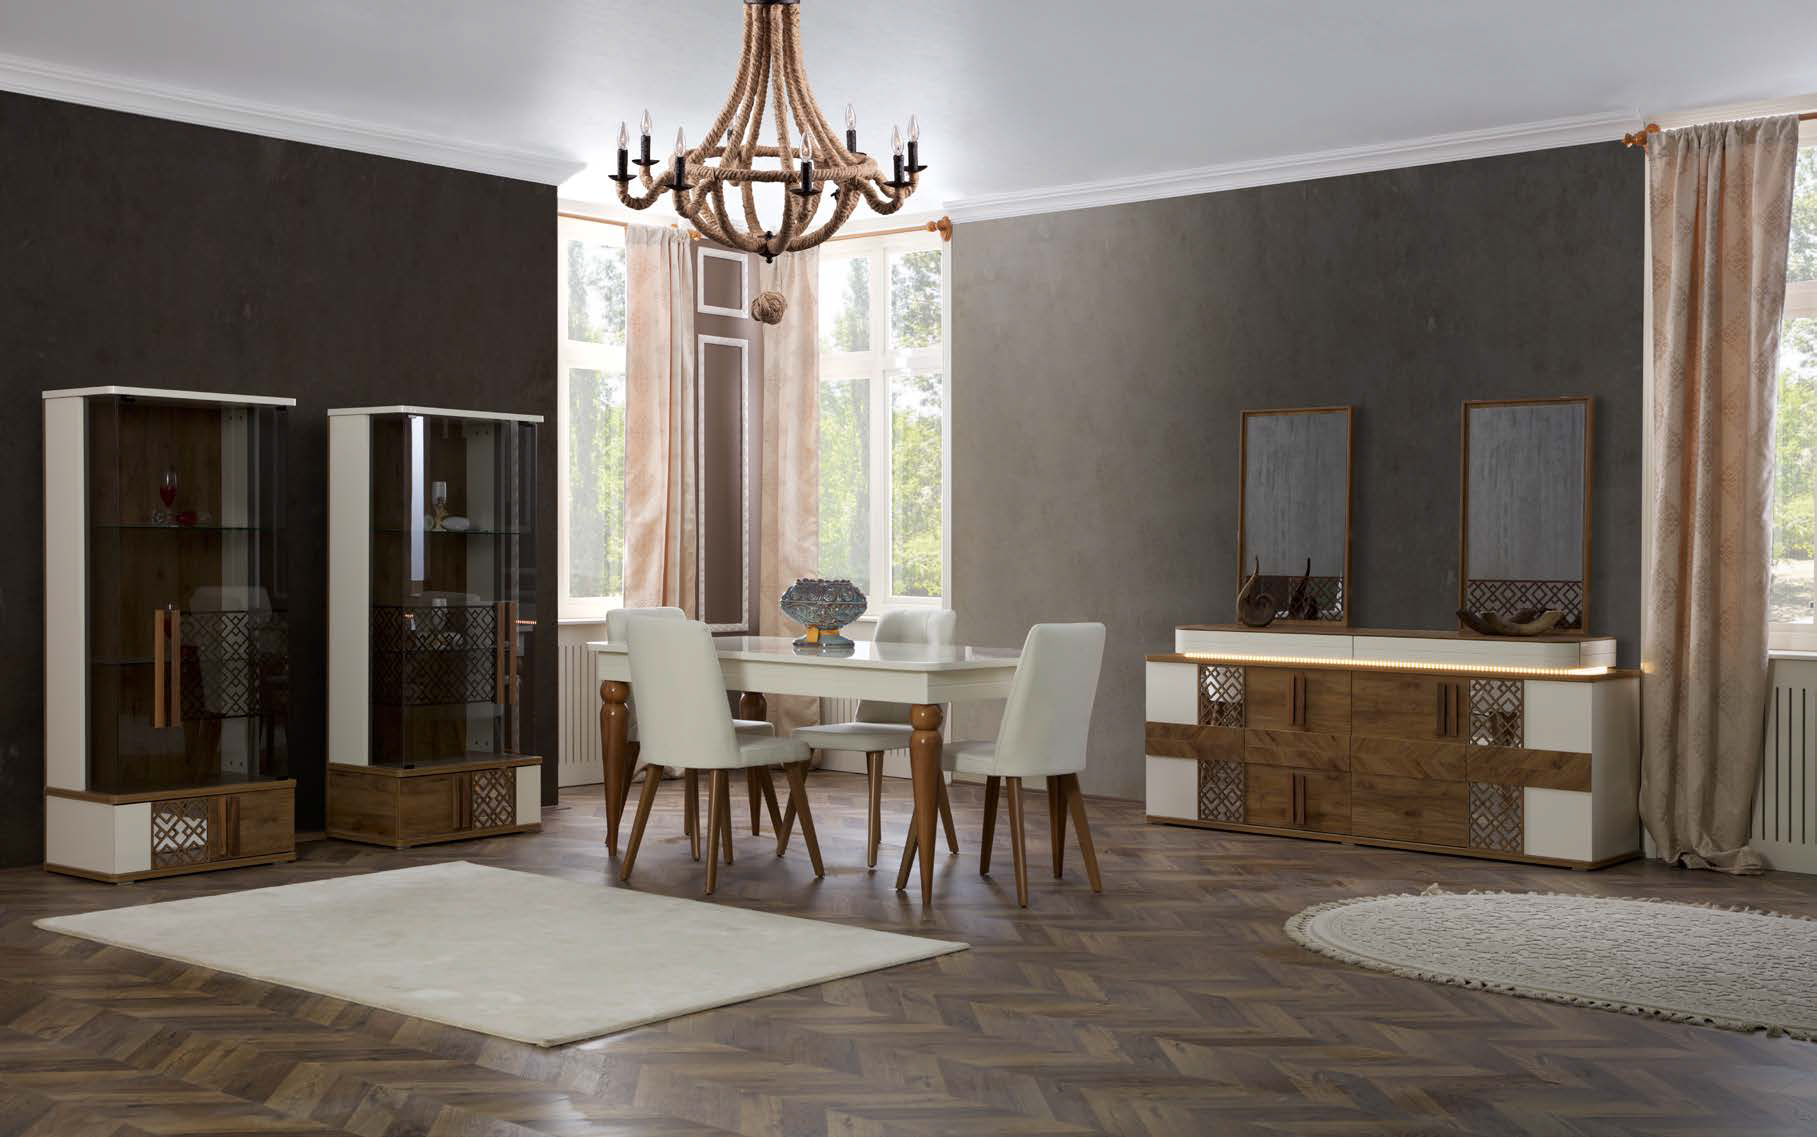 luna esszimmer yuvam m belhaus in wuppertal cilek offizieller h ndler in europa. Black Bedroom Furniture Sets. Home Design Ideas